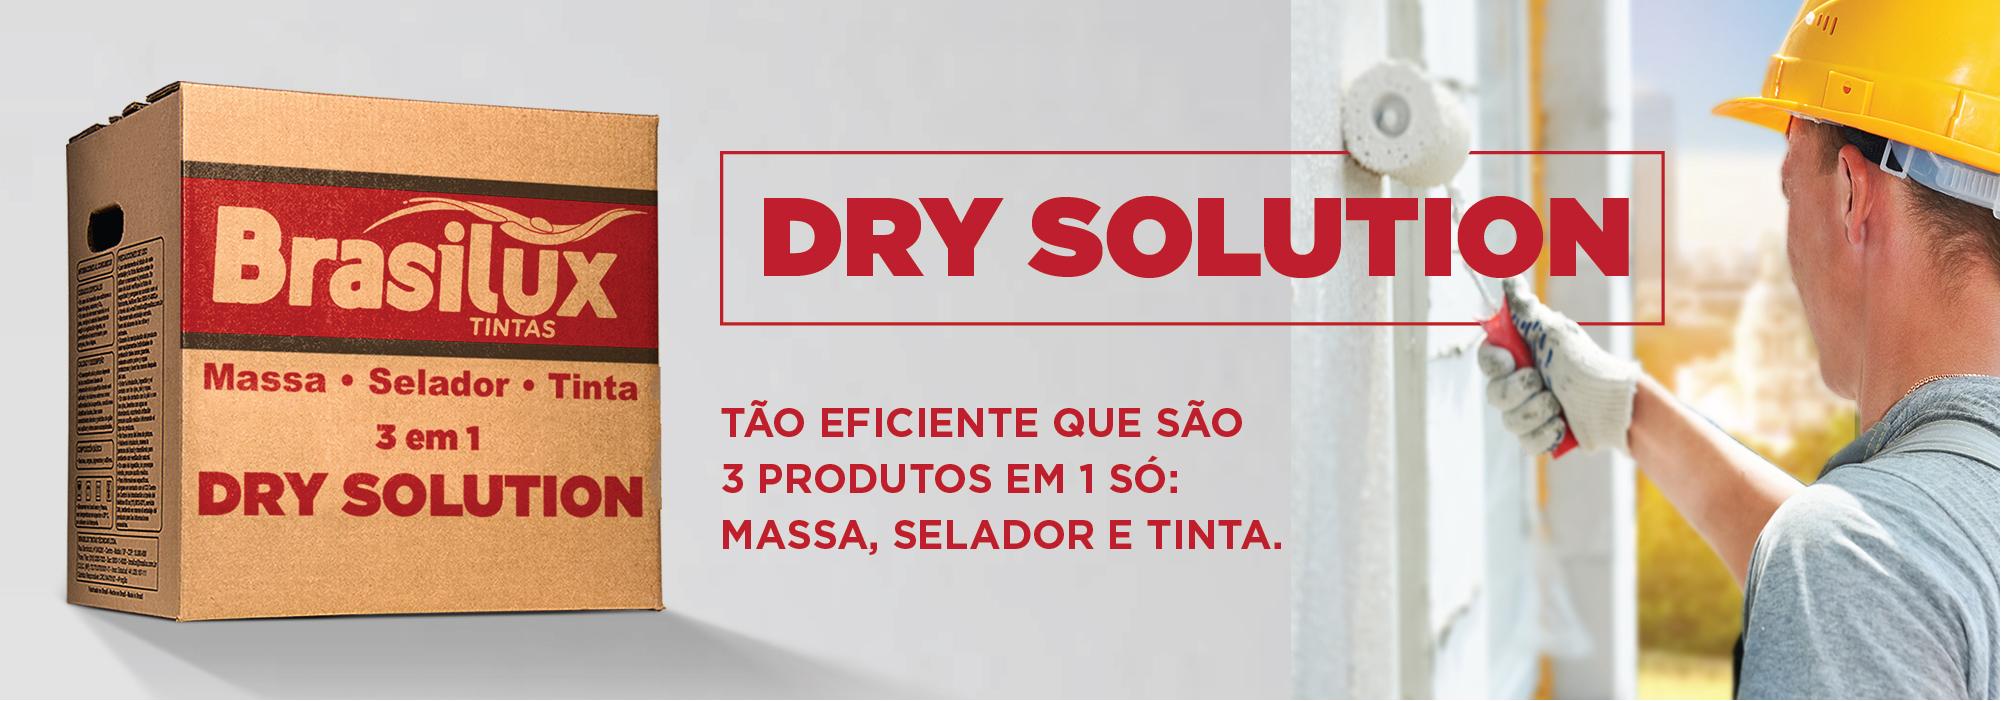 drysolution_2000x700px-01